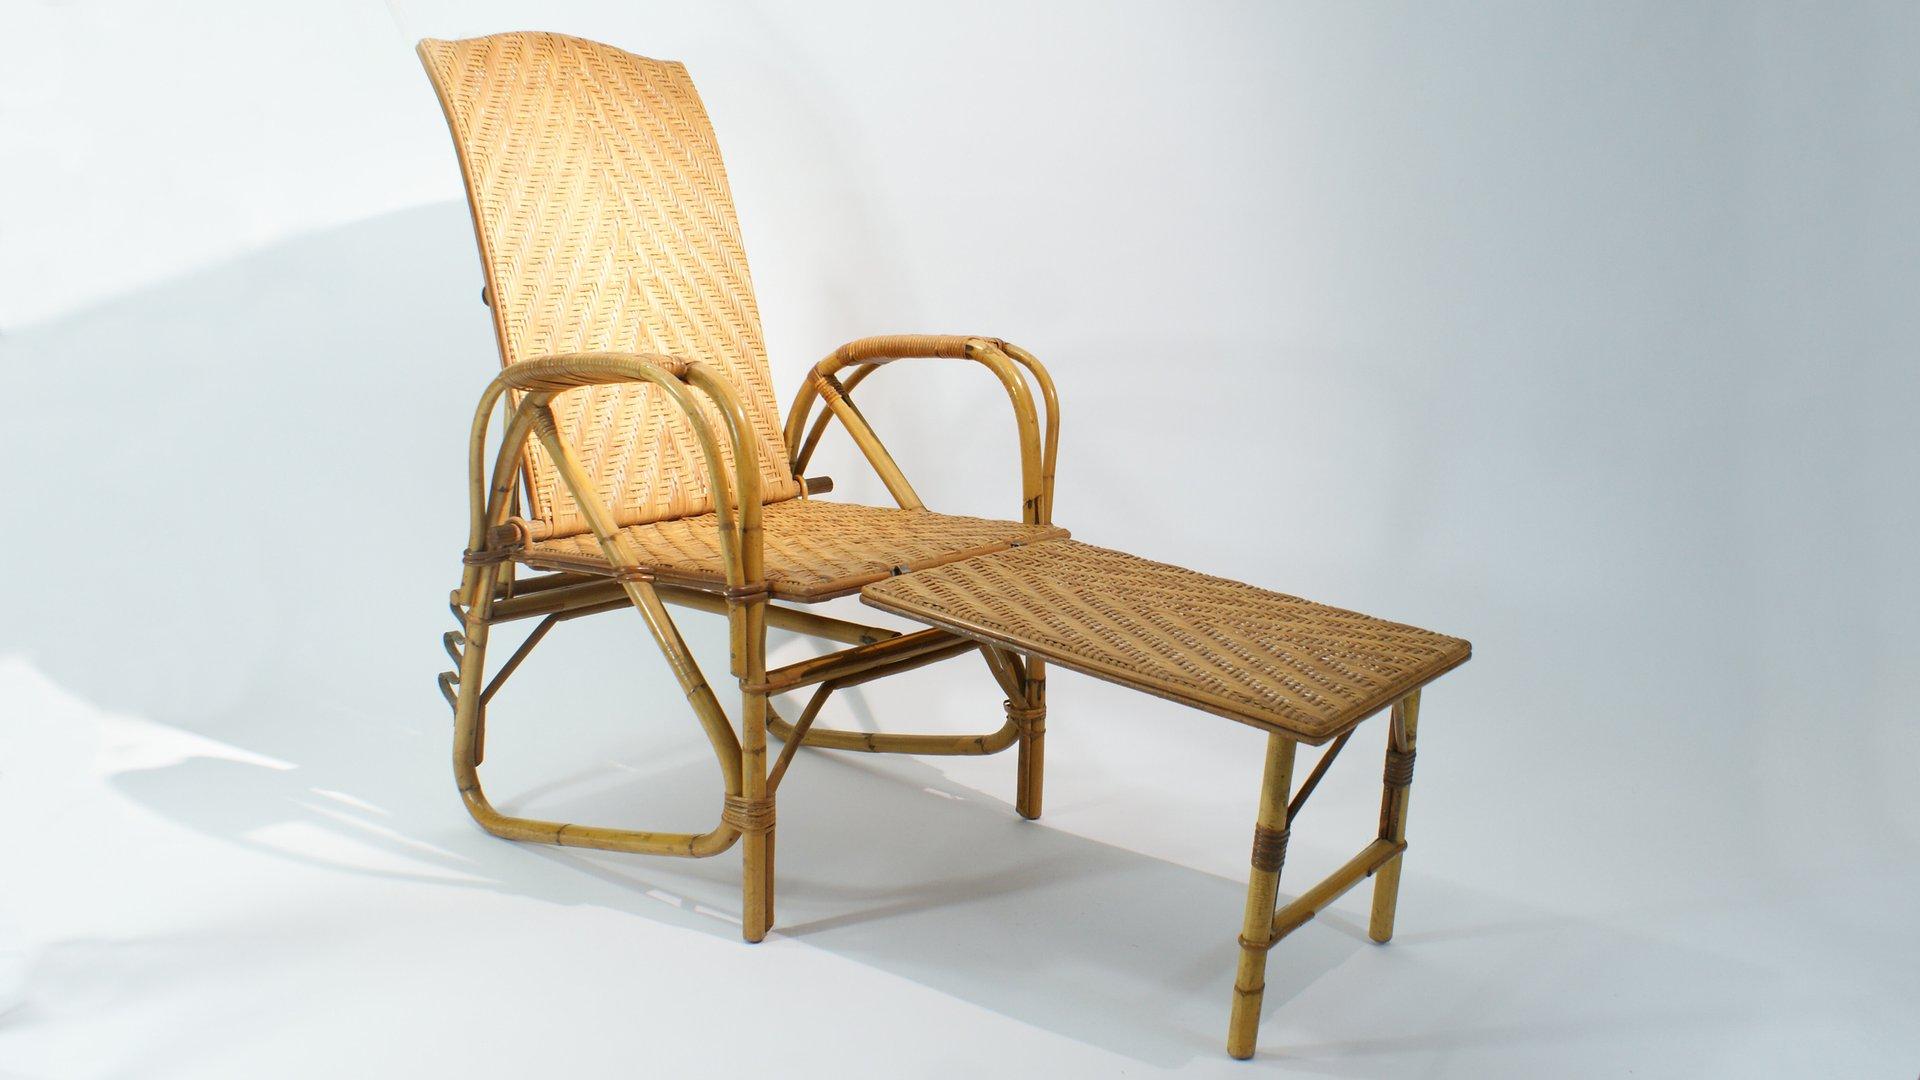 fauteuil ajustable en rotin et bambou 1940s en vente sur pamono. Black Bedroom Furniture Sets. Home Design Ideas